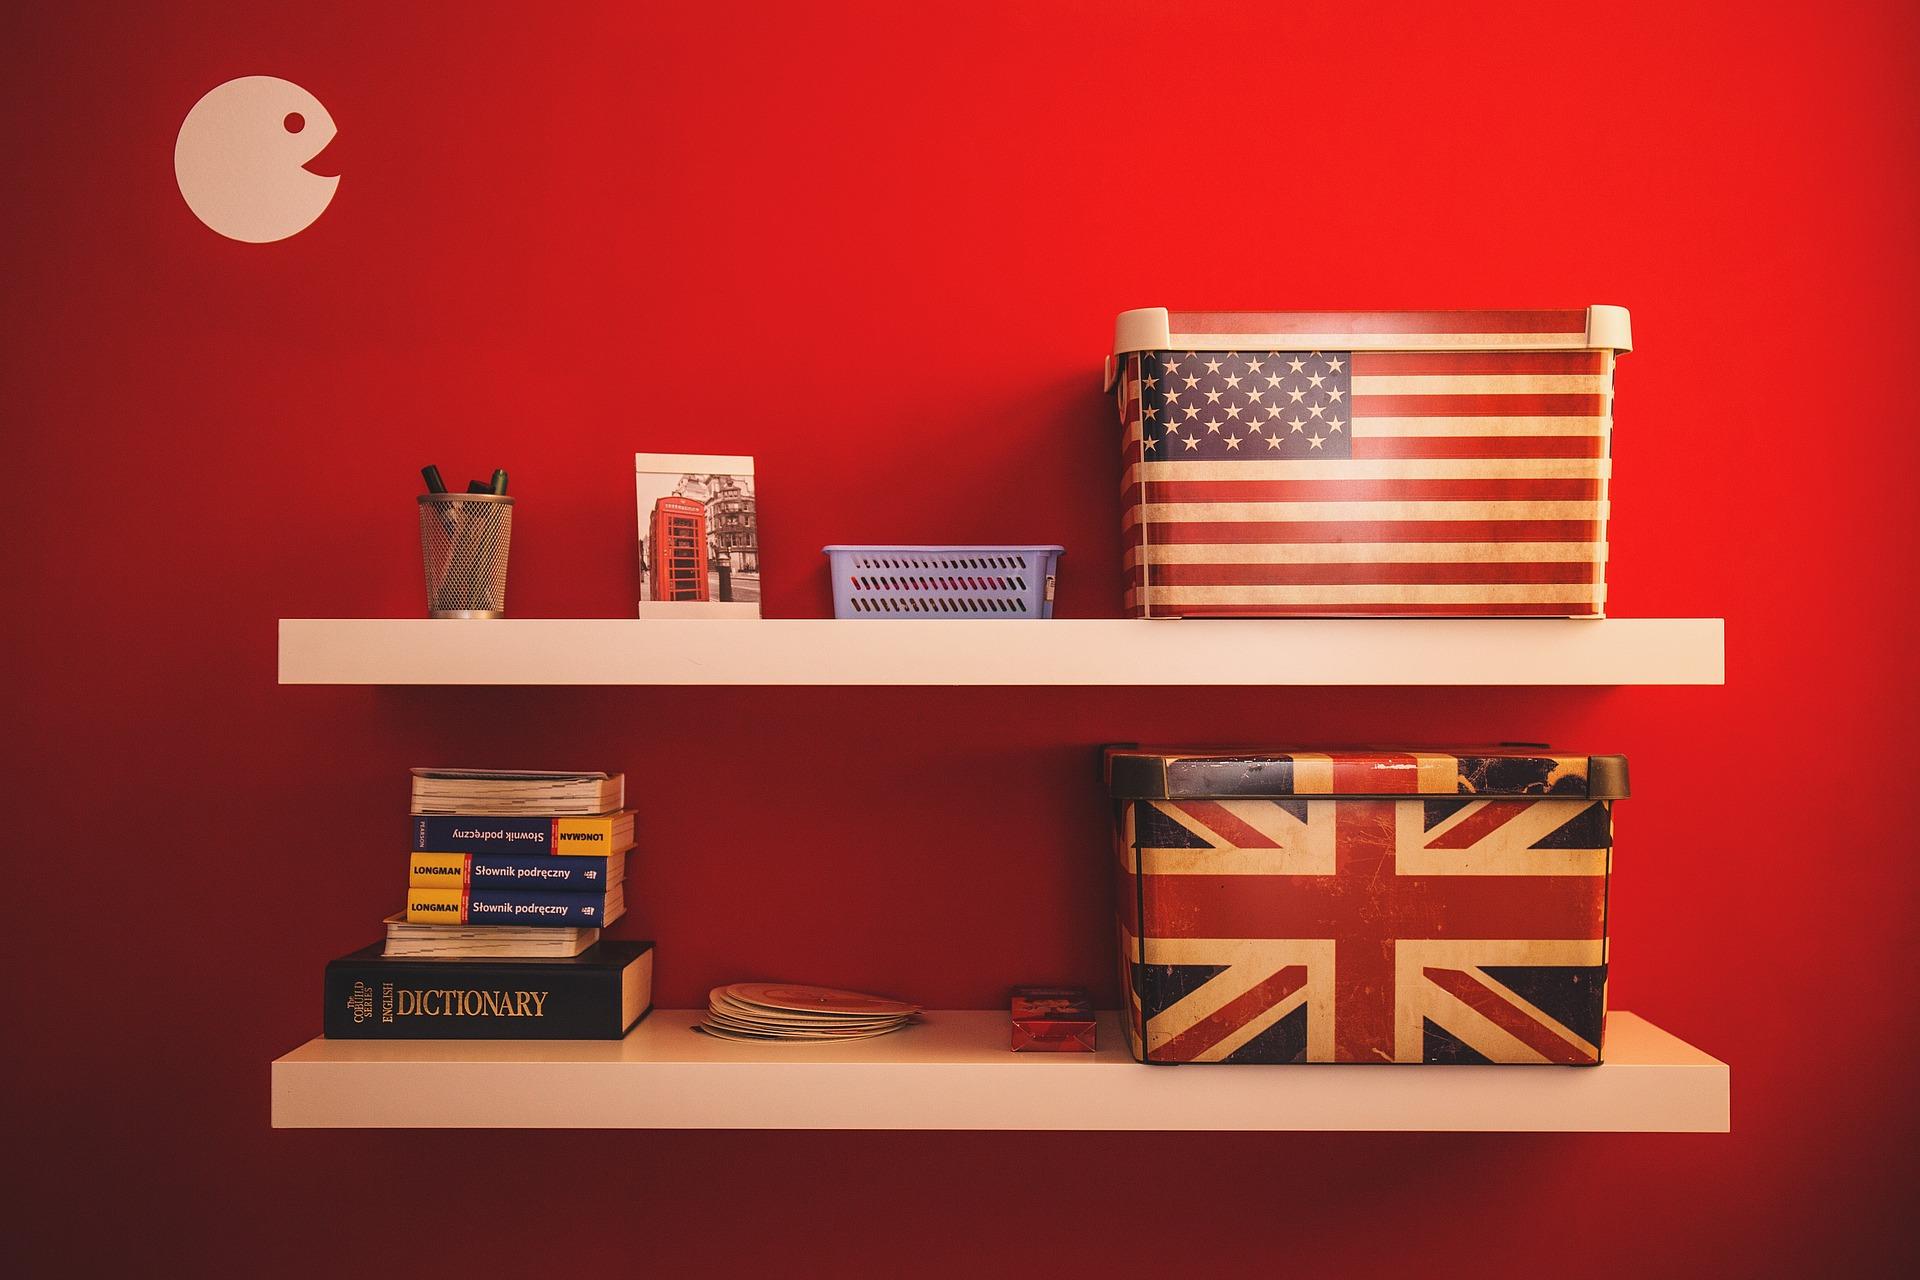 6 načina za besplatno učenje jezika onlajn